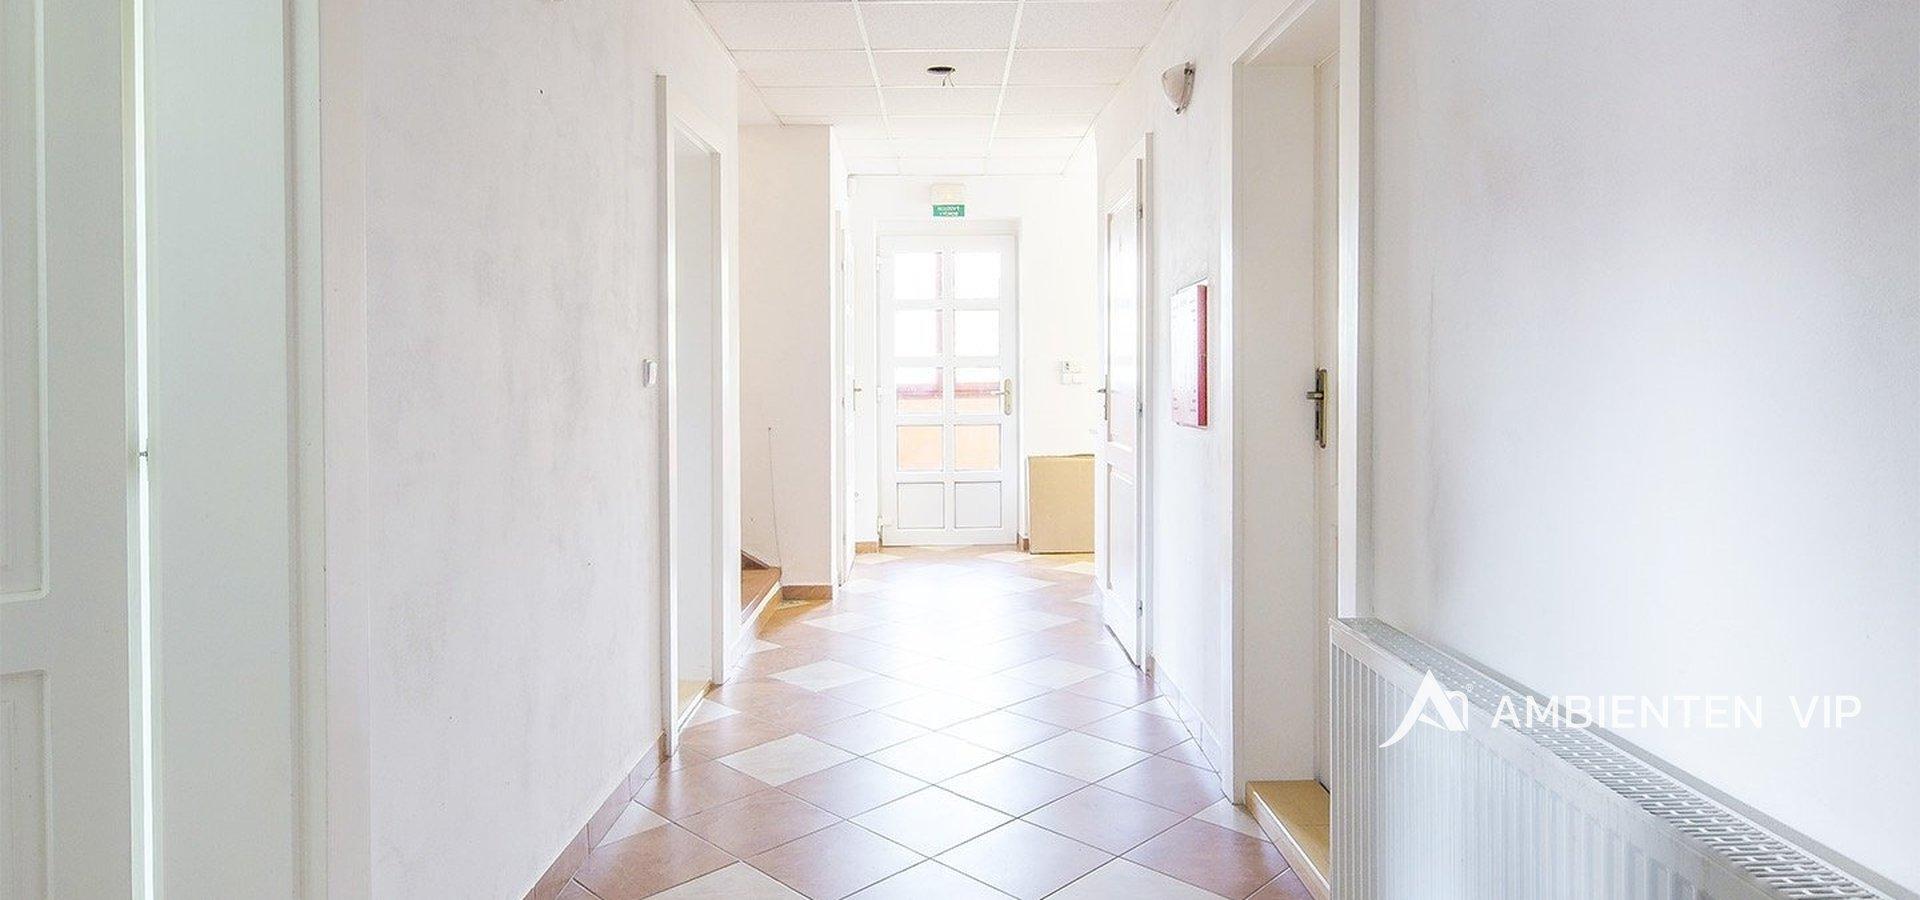 prodej-rodinneho-domu-na-bydleni-i-investici-477m2-telc-25merge-8d7935